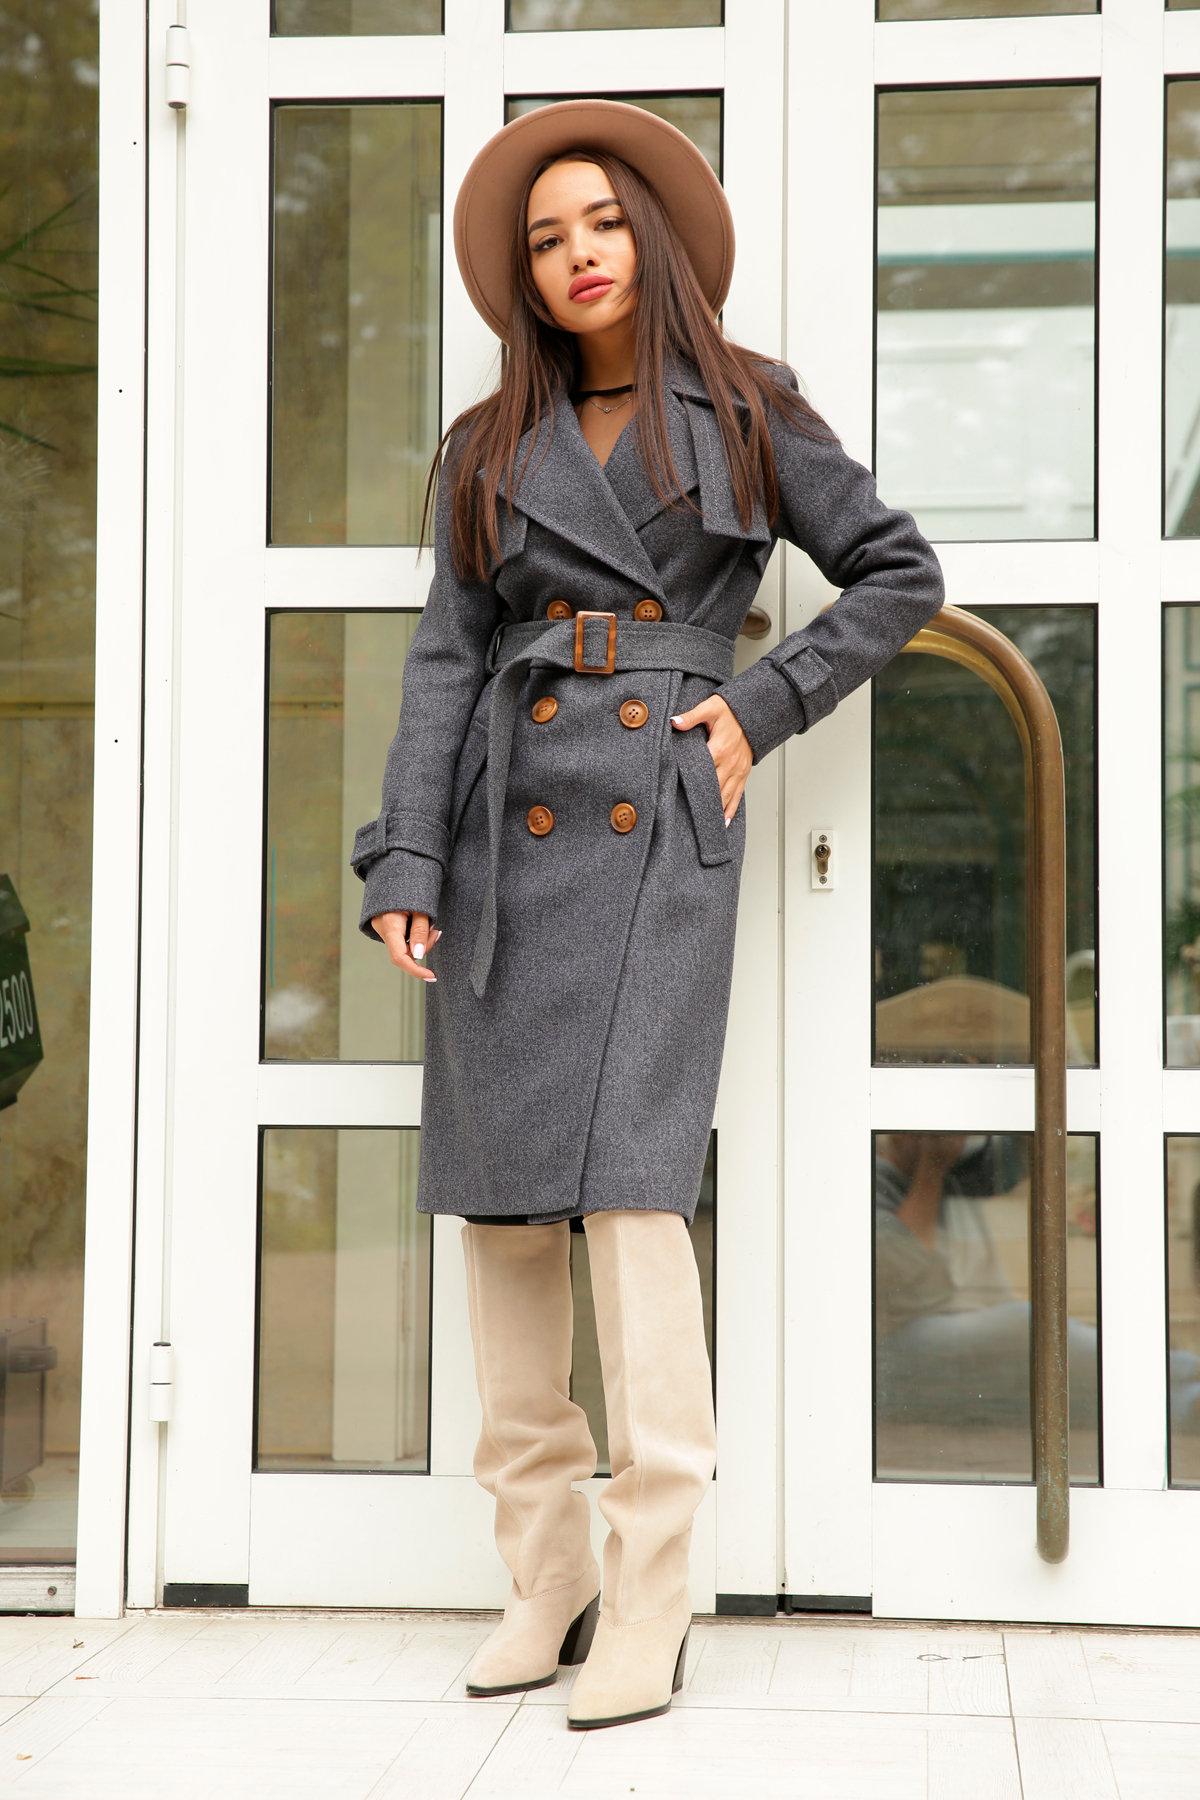 Двубортное пальто демисезон Монте 8089 АРТ. 44032 Цвет: т. синий 543 - фото 3, интернет магазин tm-modus.ru